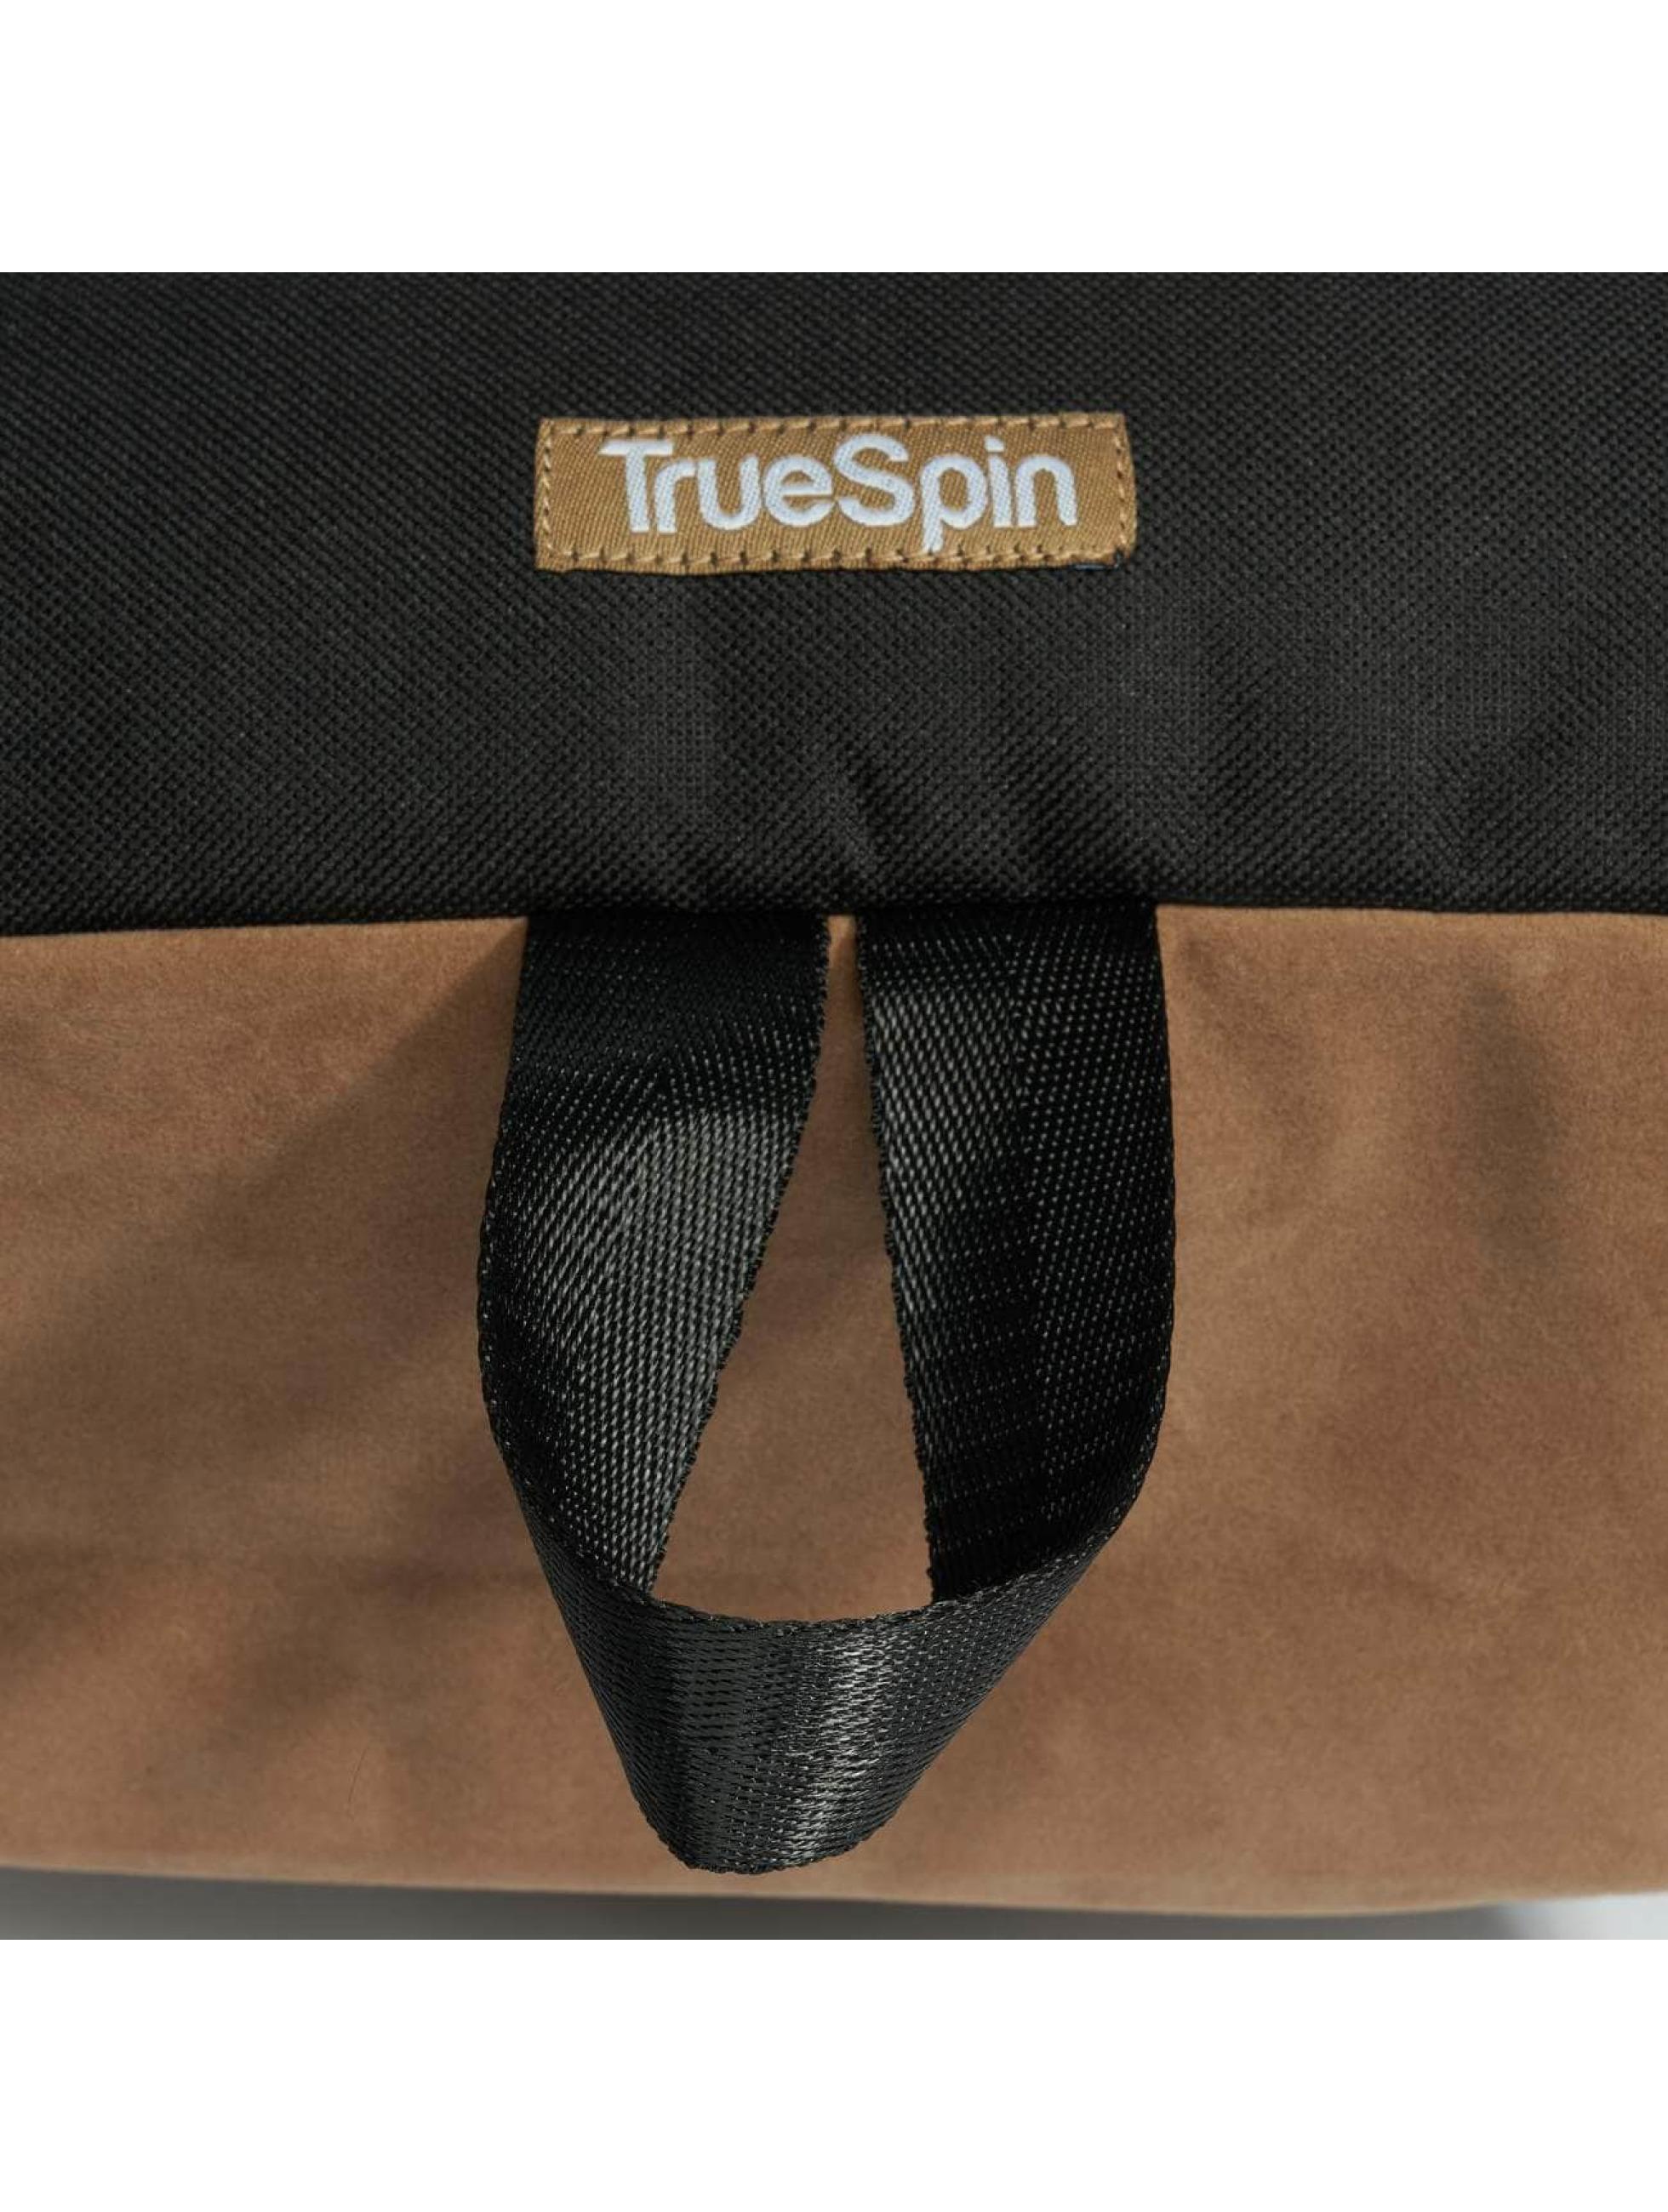 TrueSpin Batohy BFS čern